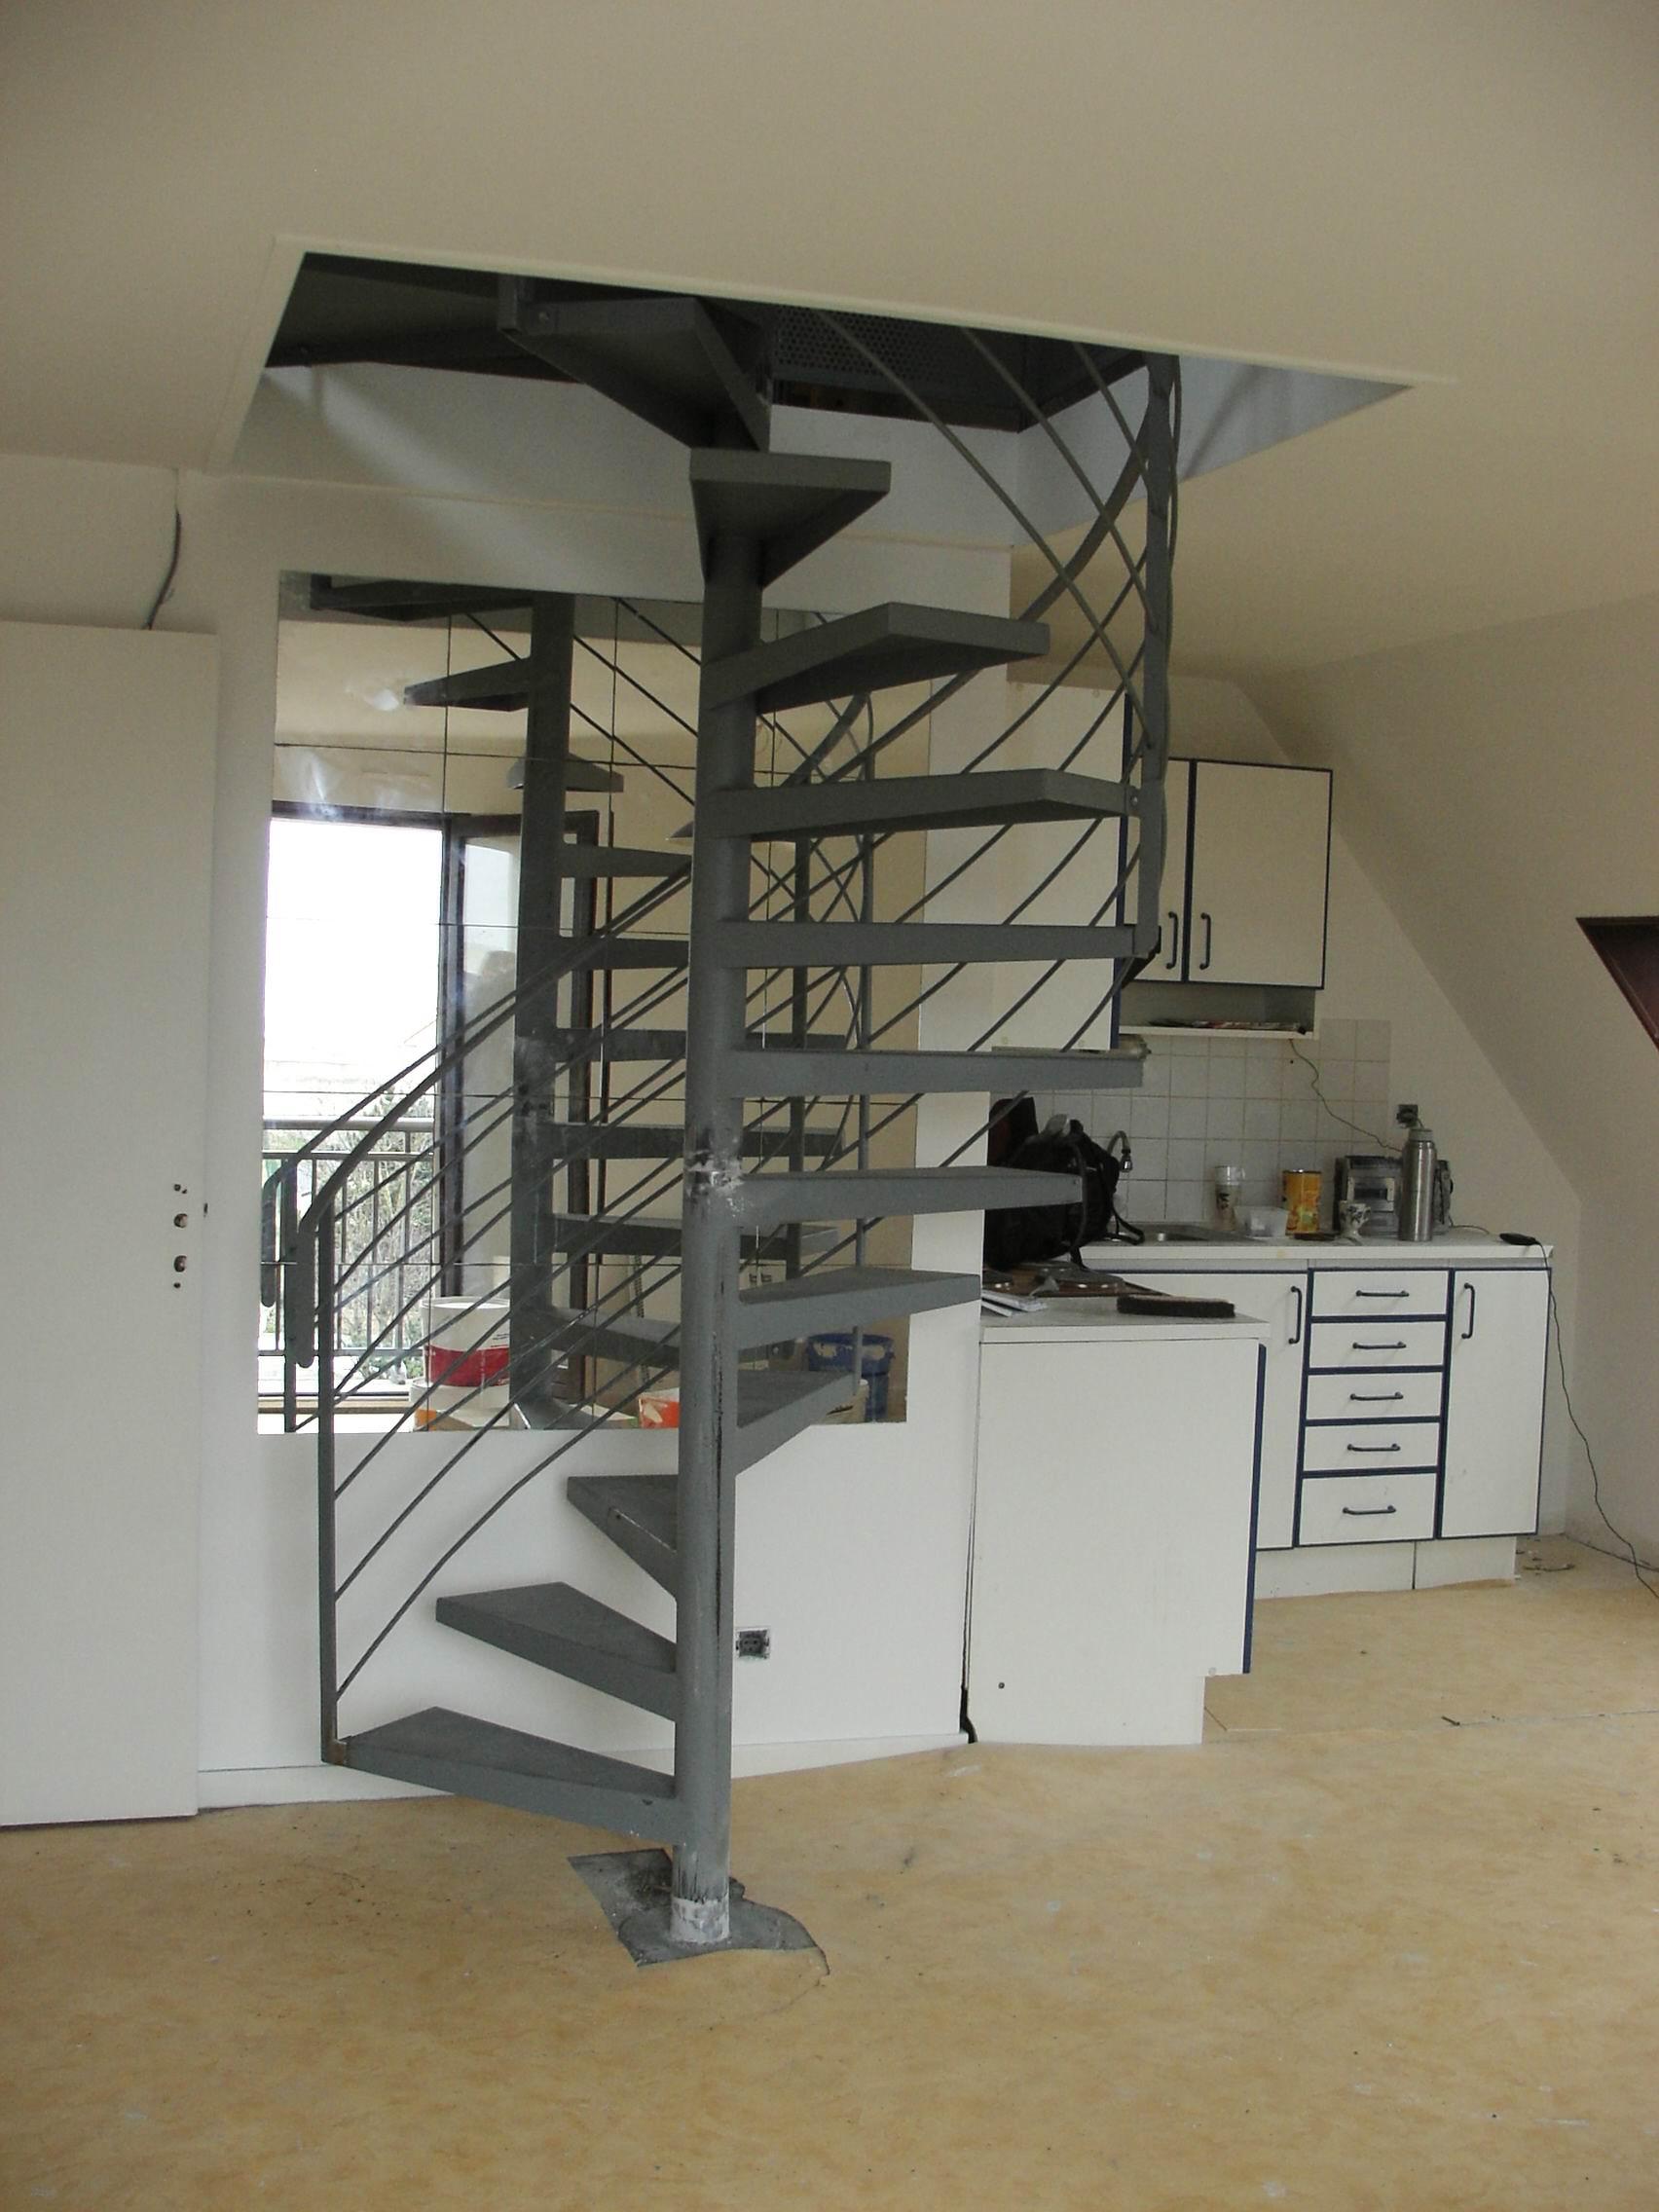 Populaire ESCALIERS INTÉRIEURS HÉLICOÏDAUX - Billiet - Escaliers d'art  NA99